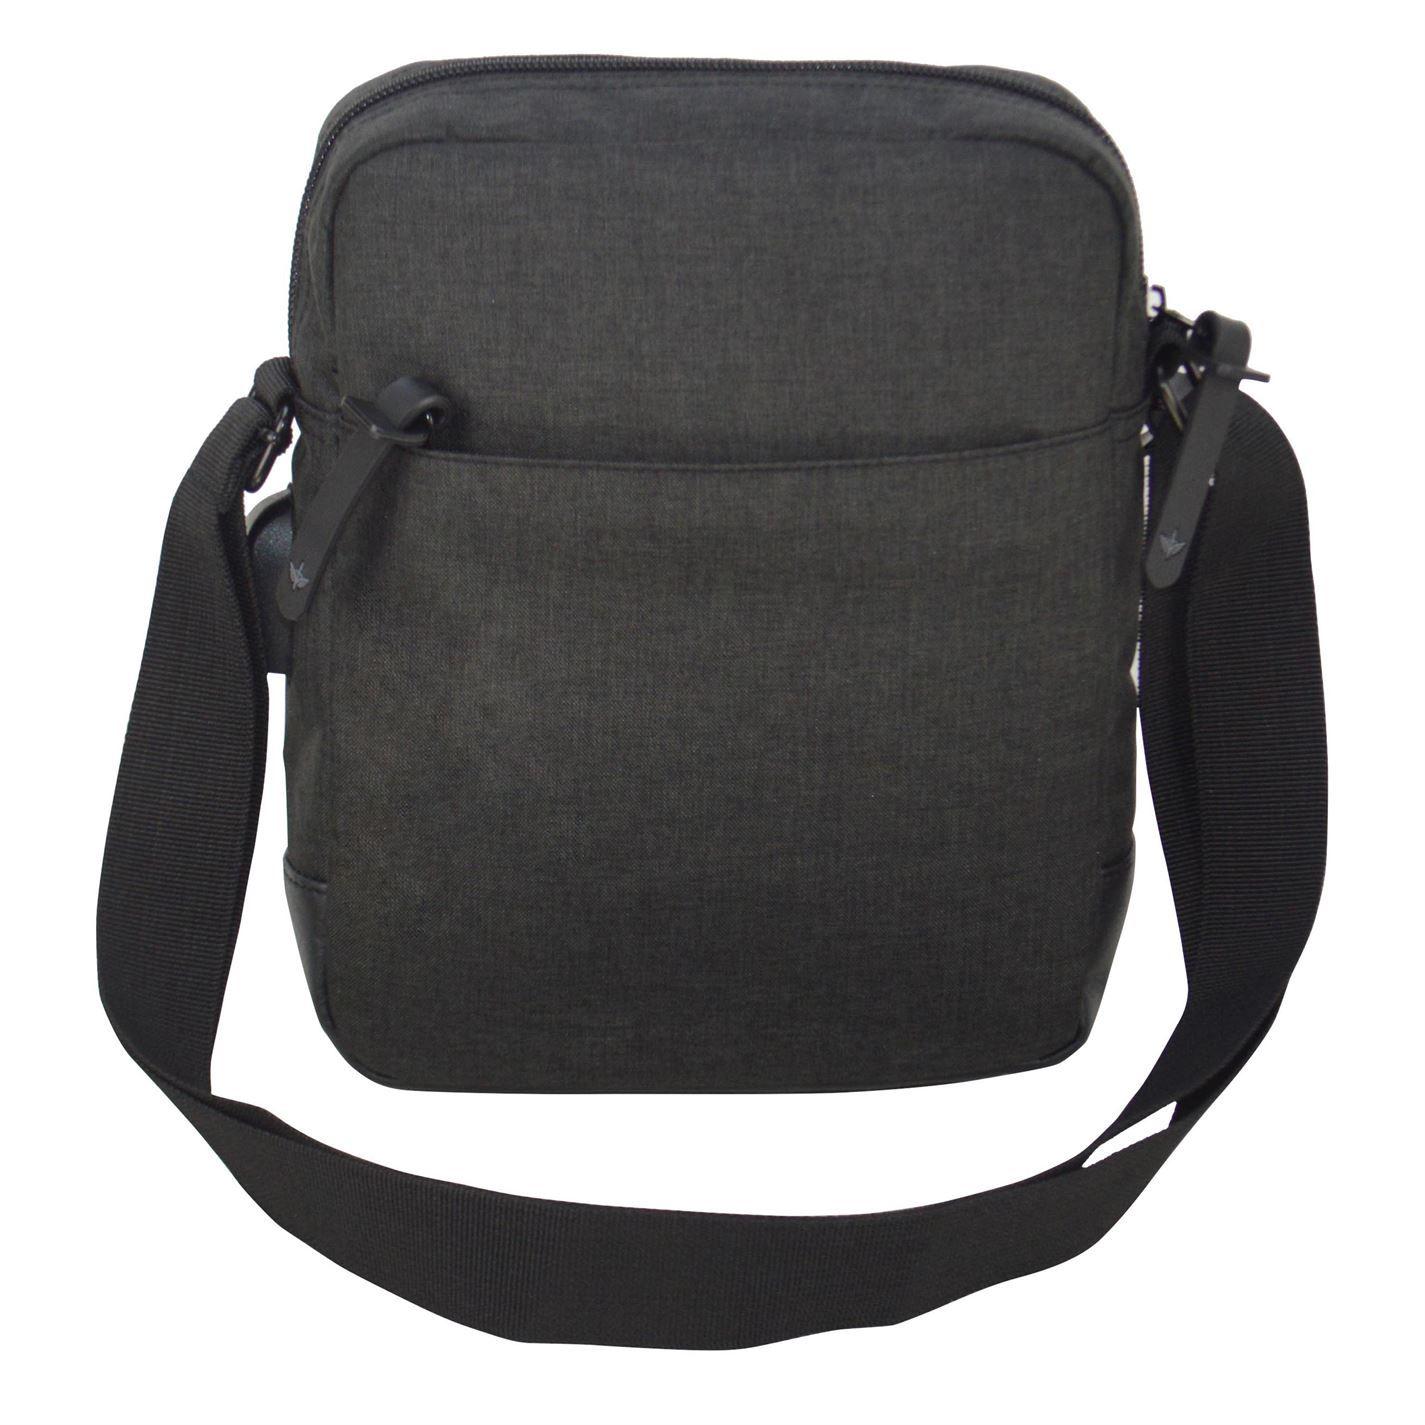 Firetrap Kingdom Cross 93 Gadget Bum Bag Fanny Pack